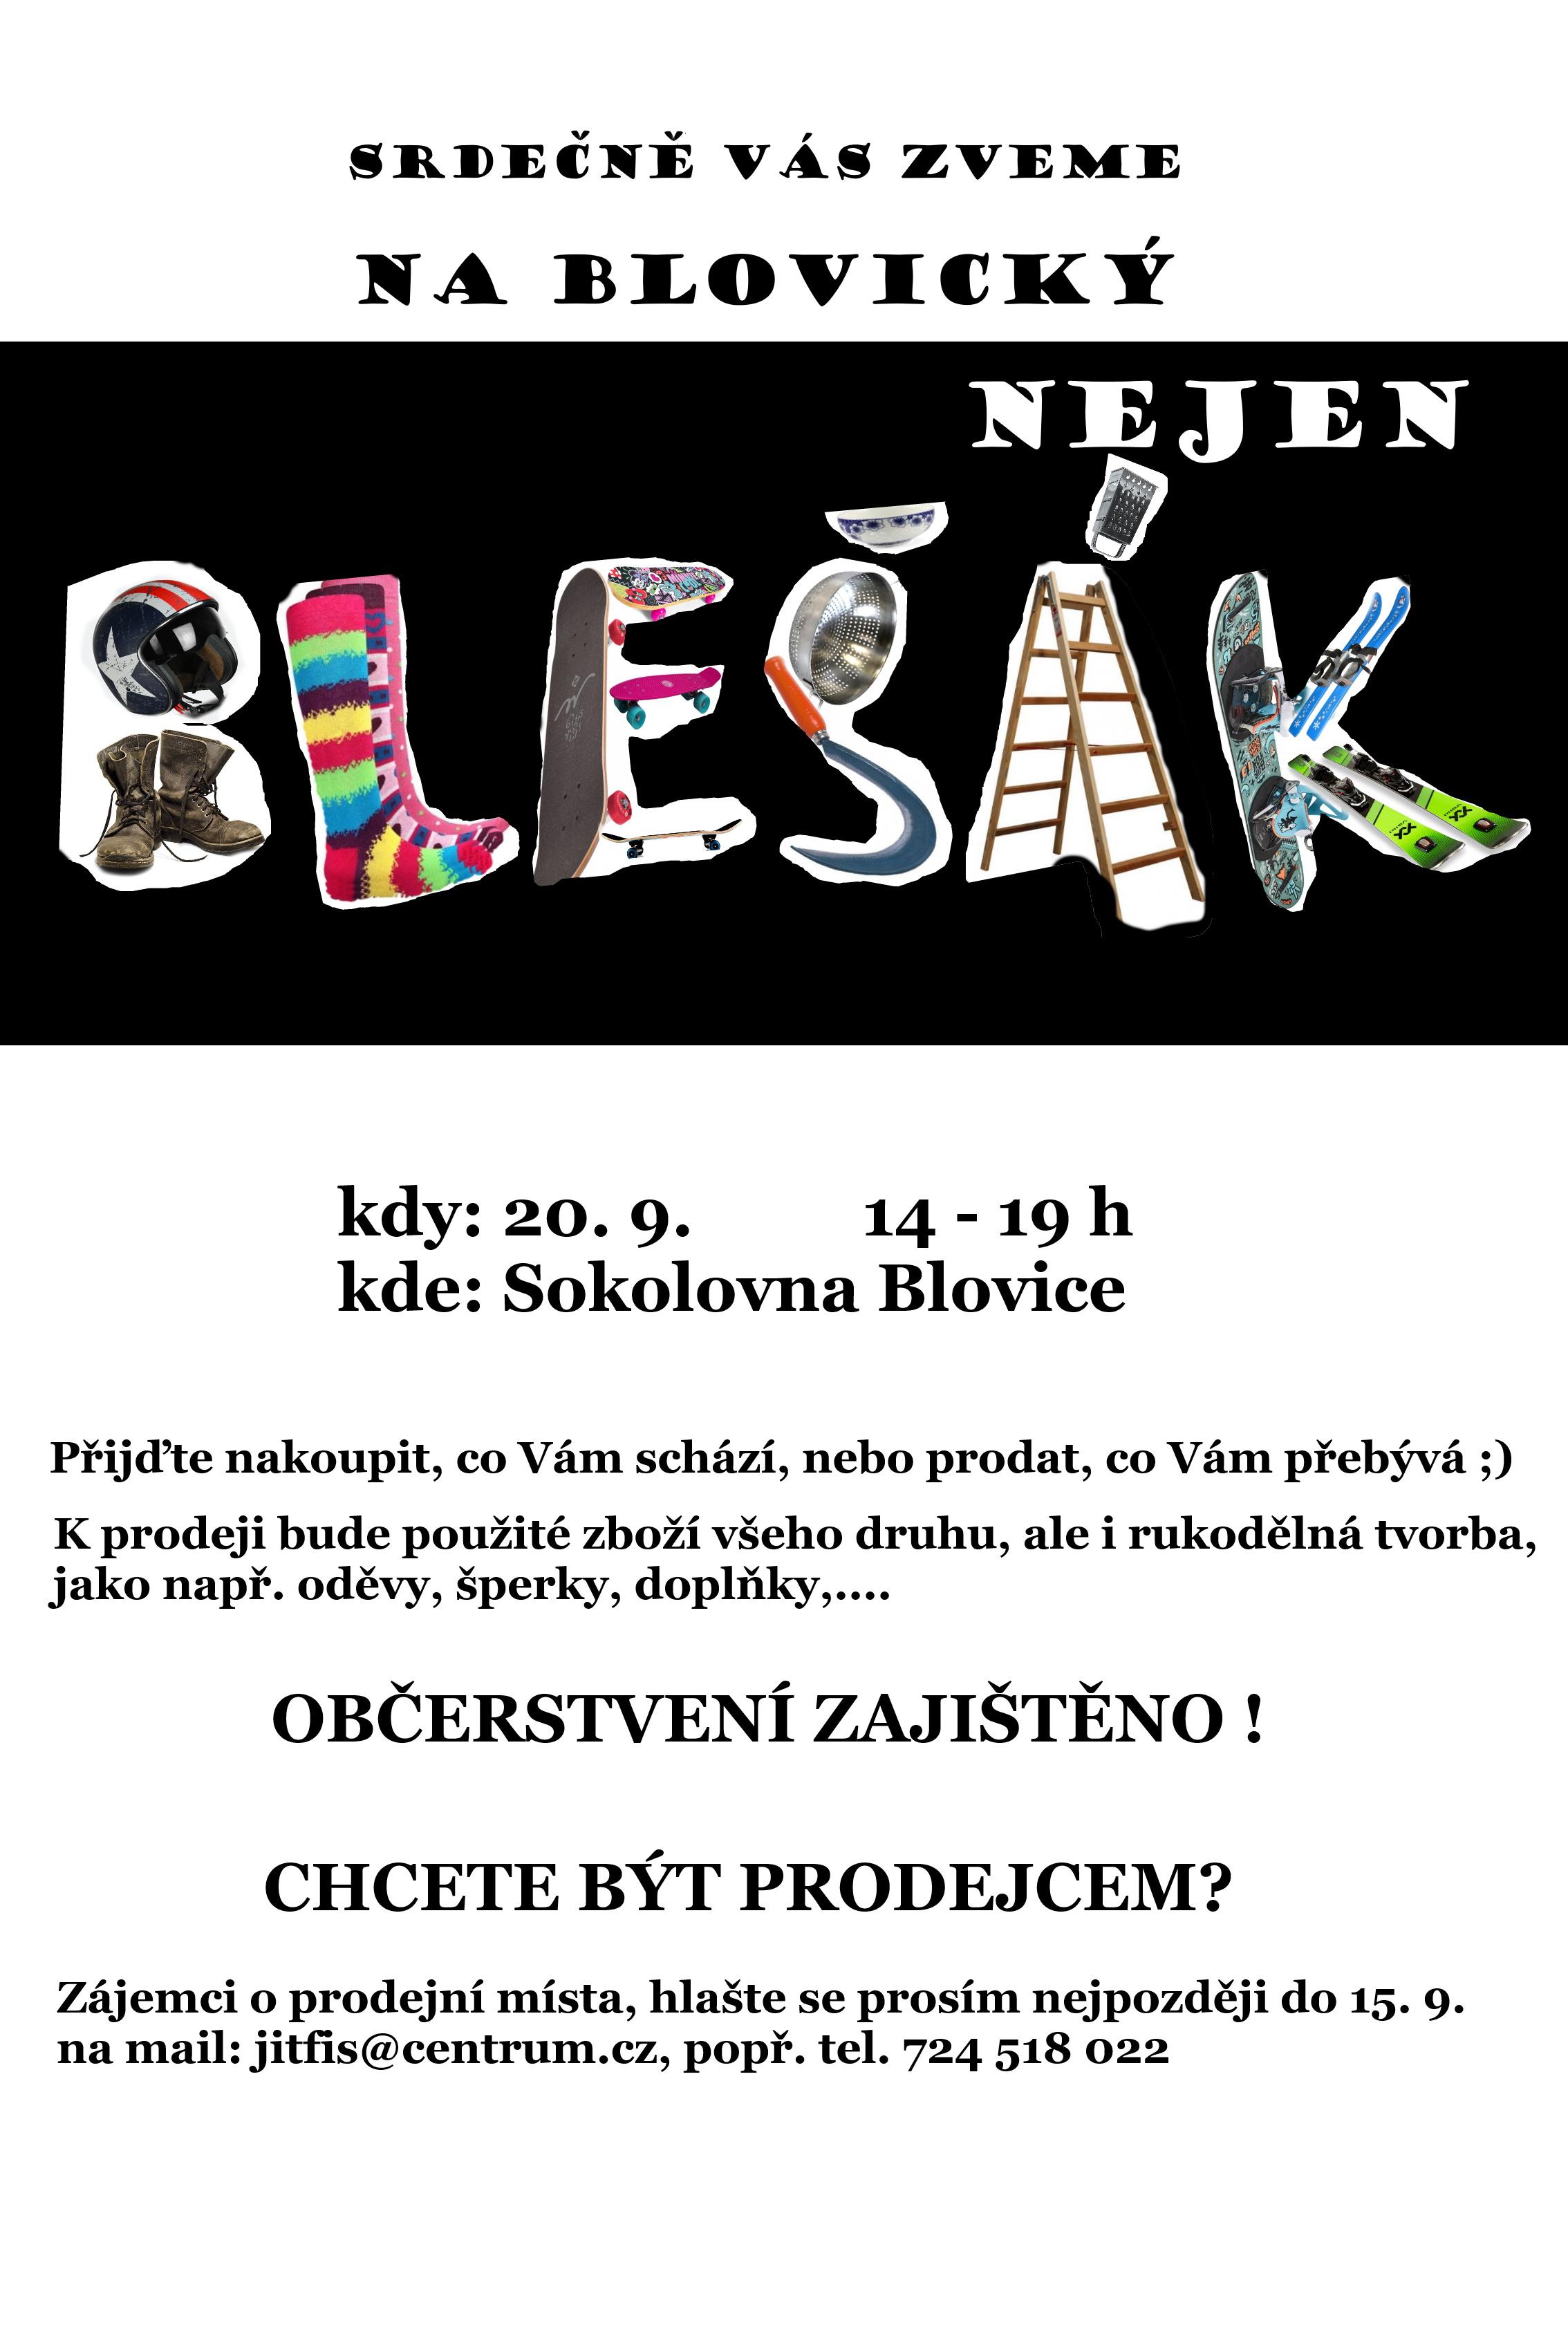 blesak